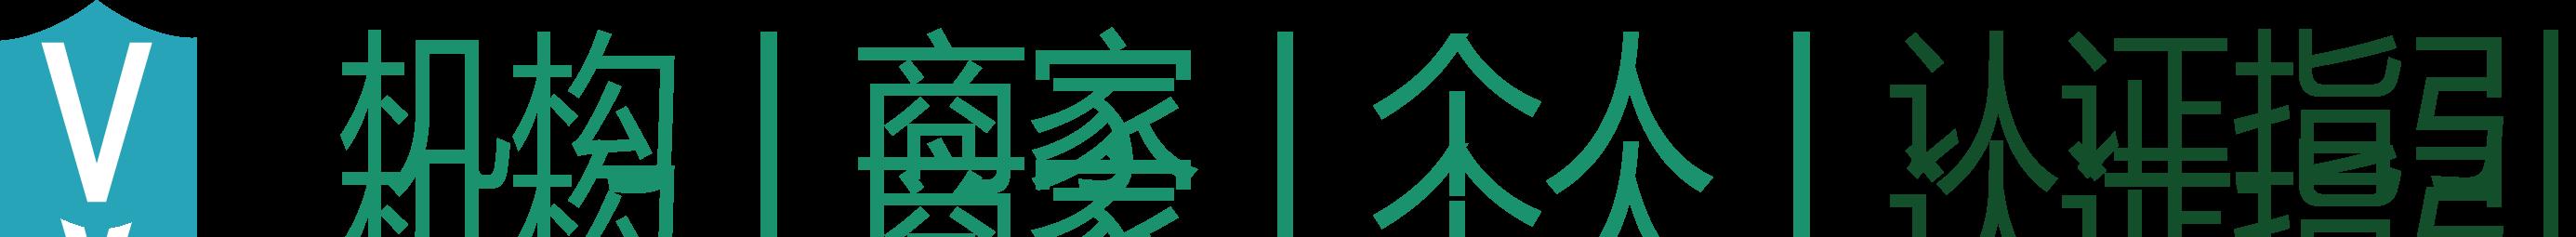 机构丨商家丨企业丨认证指引